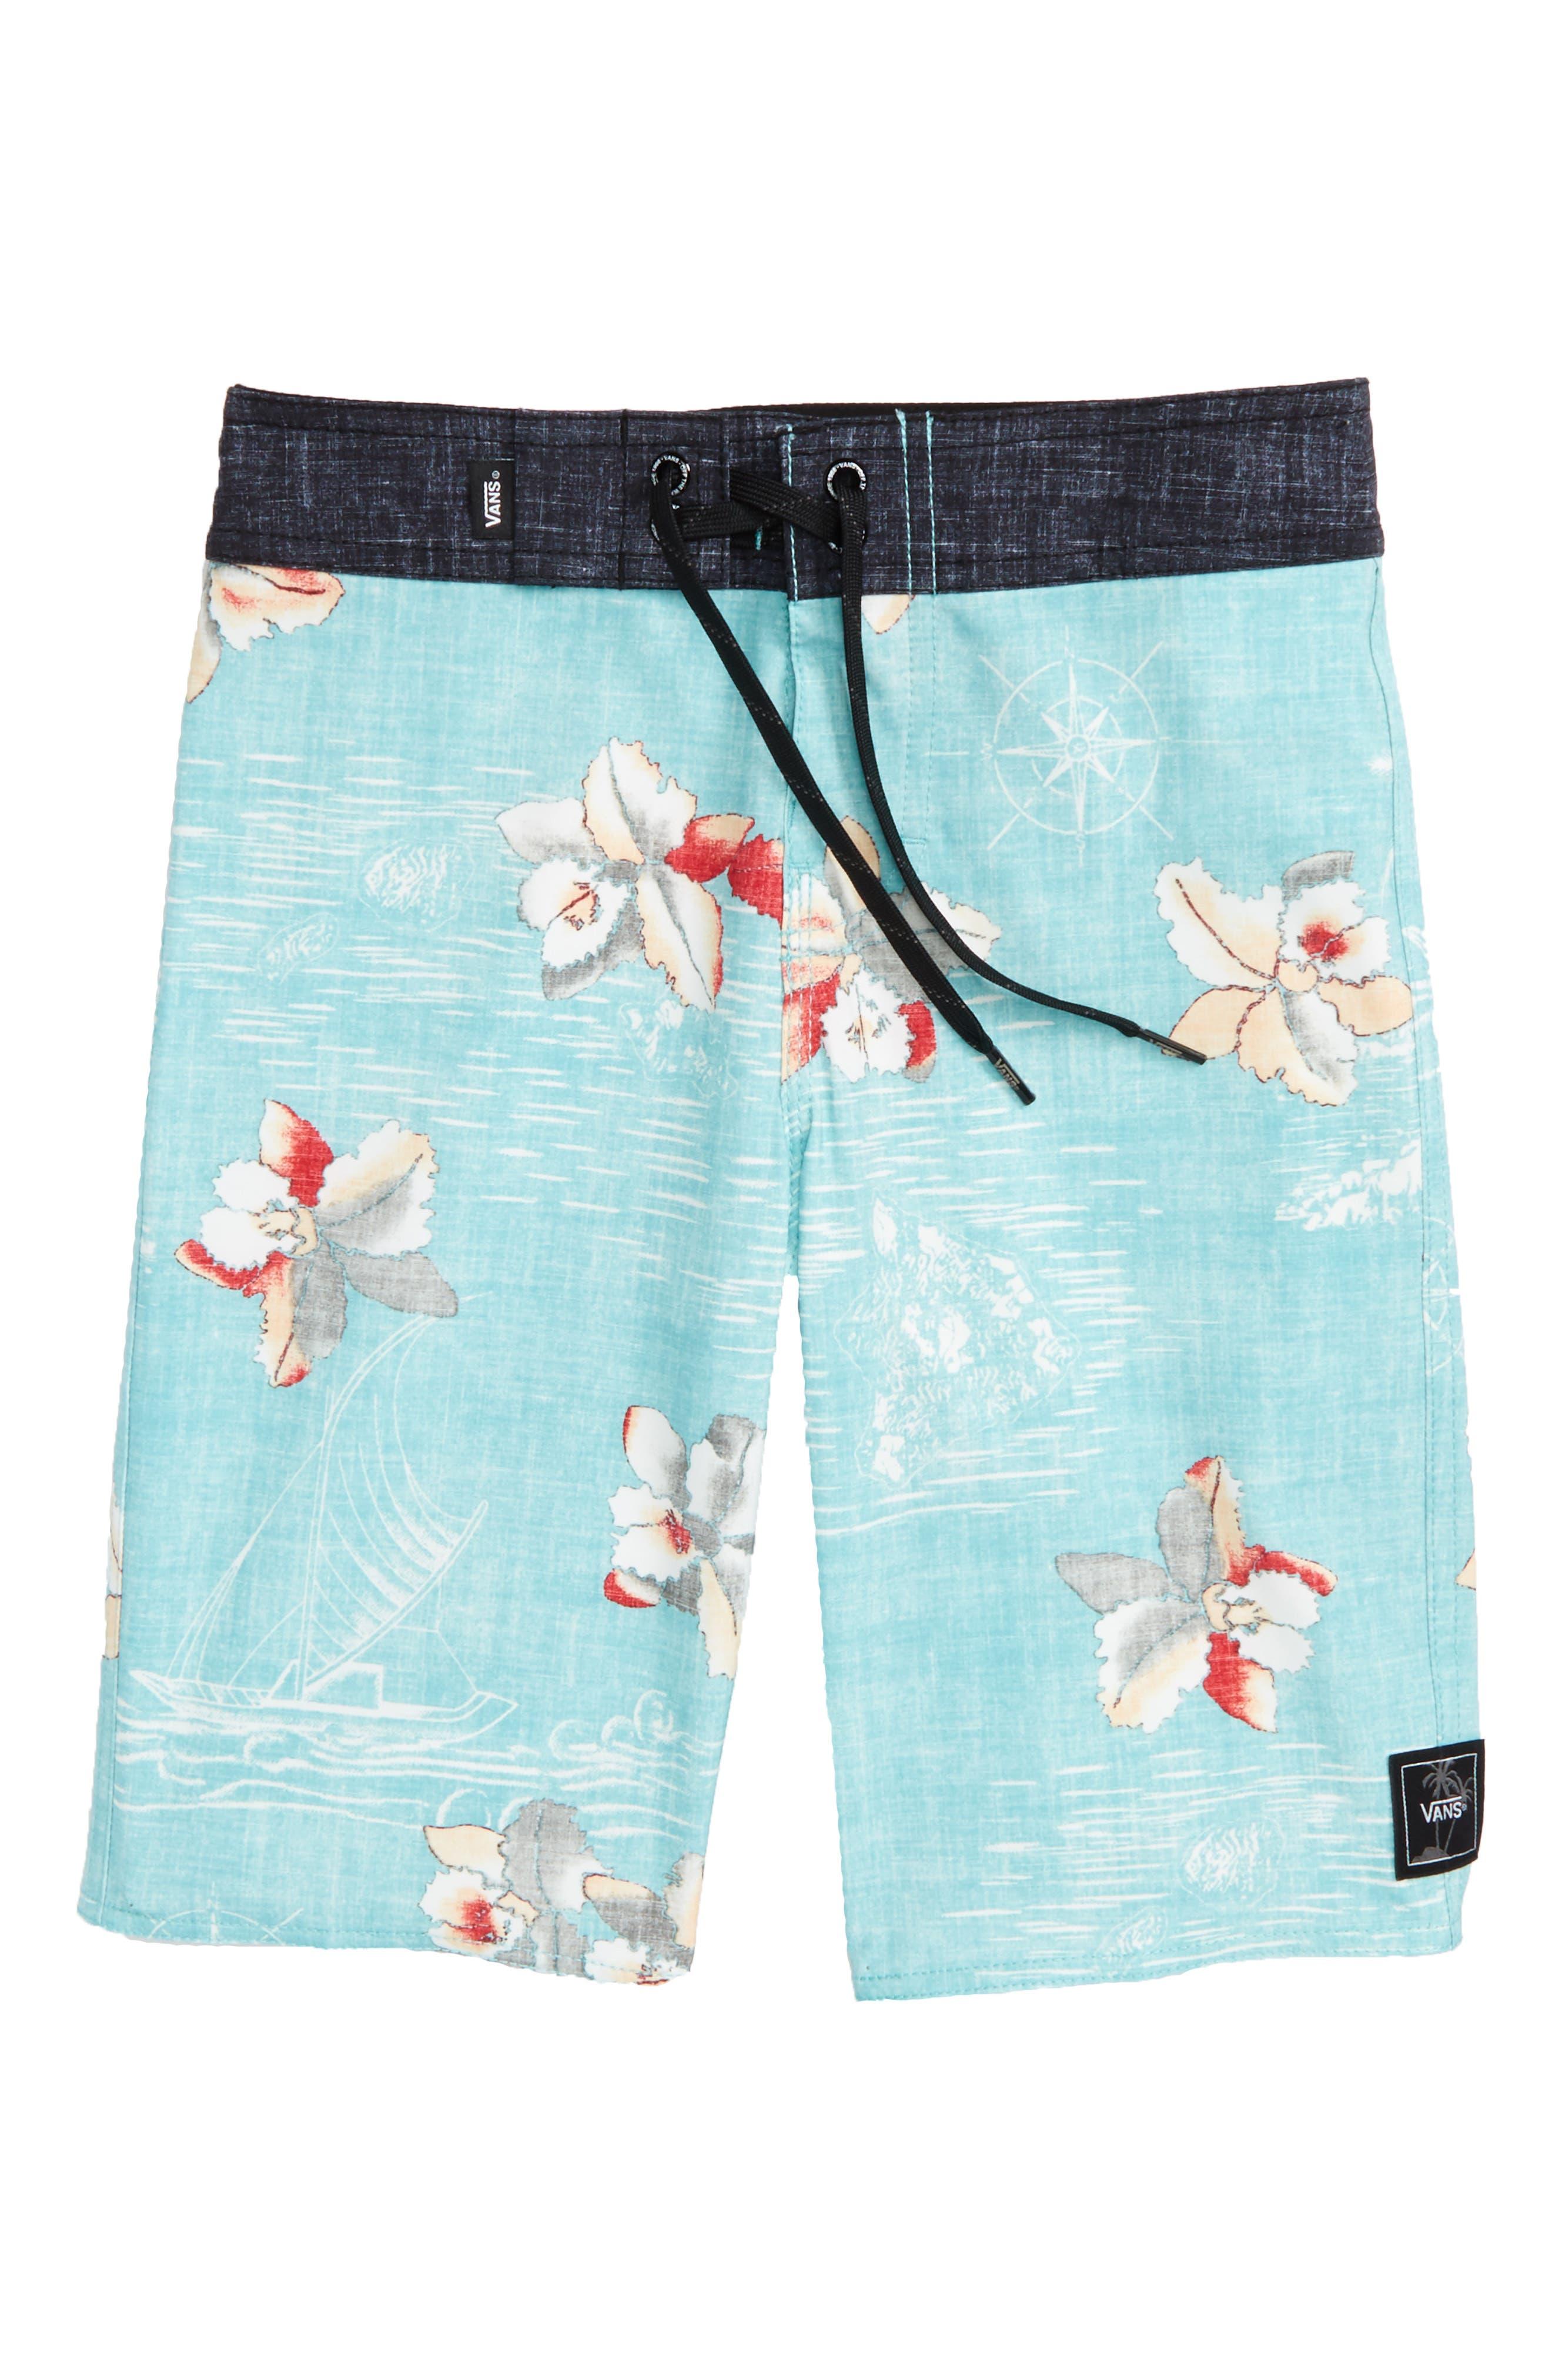 Hawaii Floral Board Shorts,                             Main thumbnail 1, color,                             400